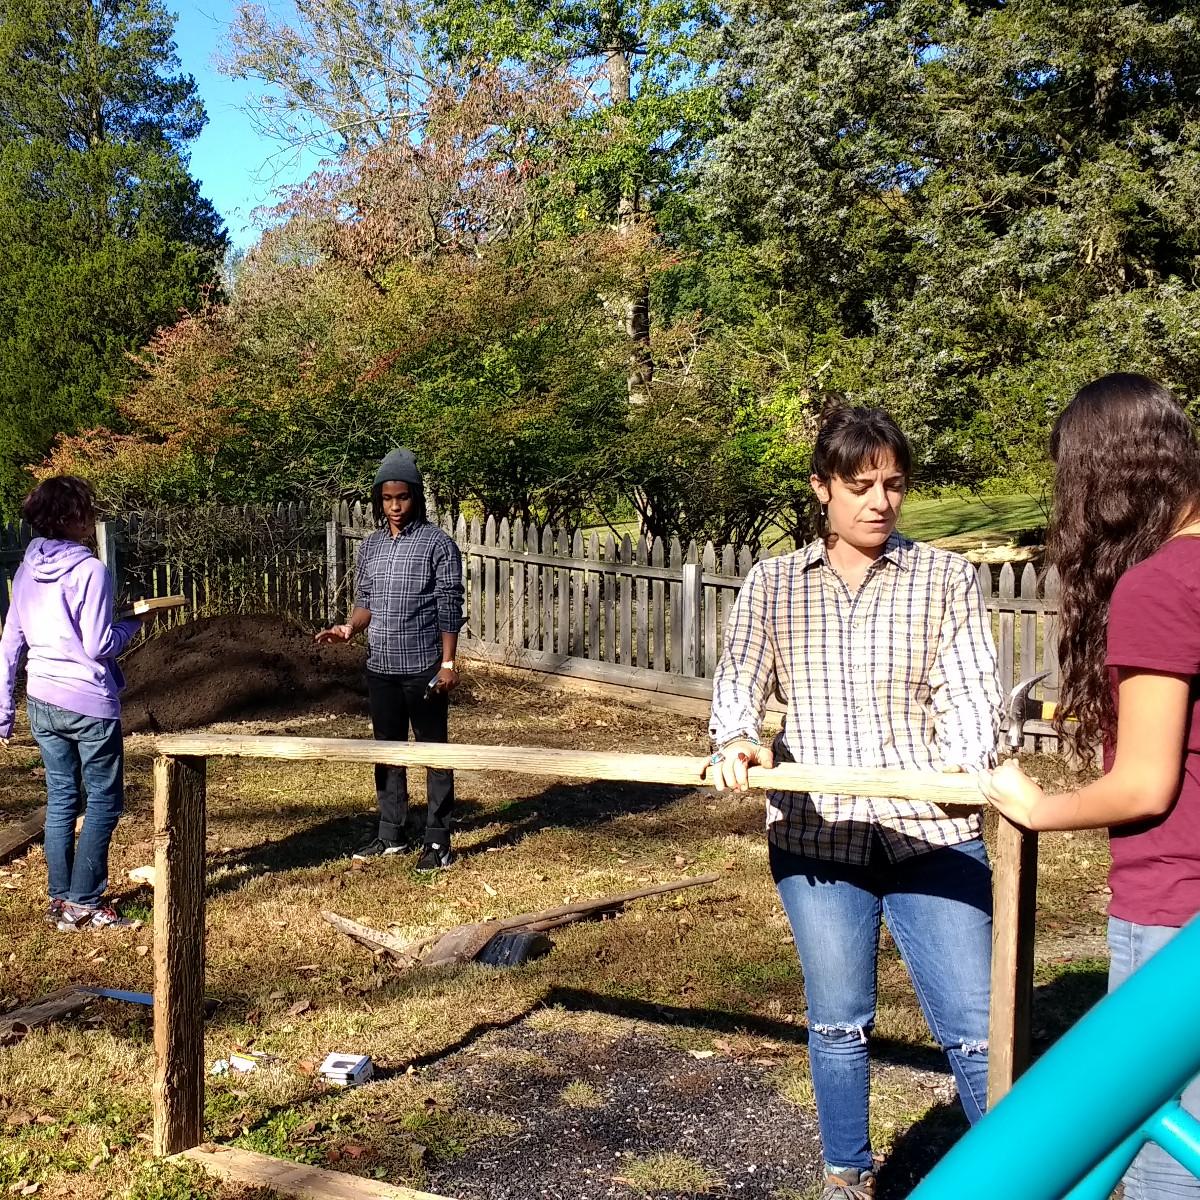 Working in the garden during garden ecology